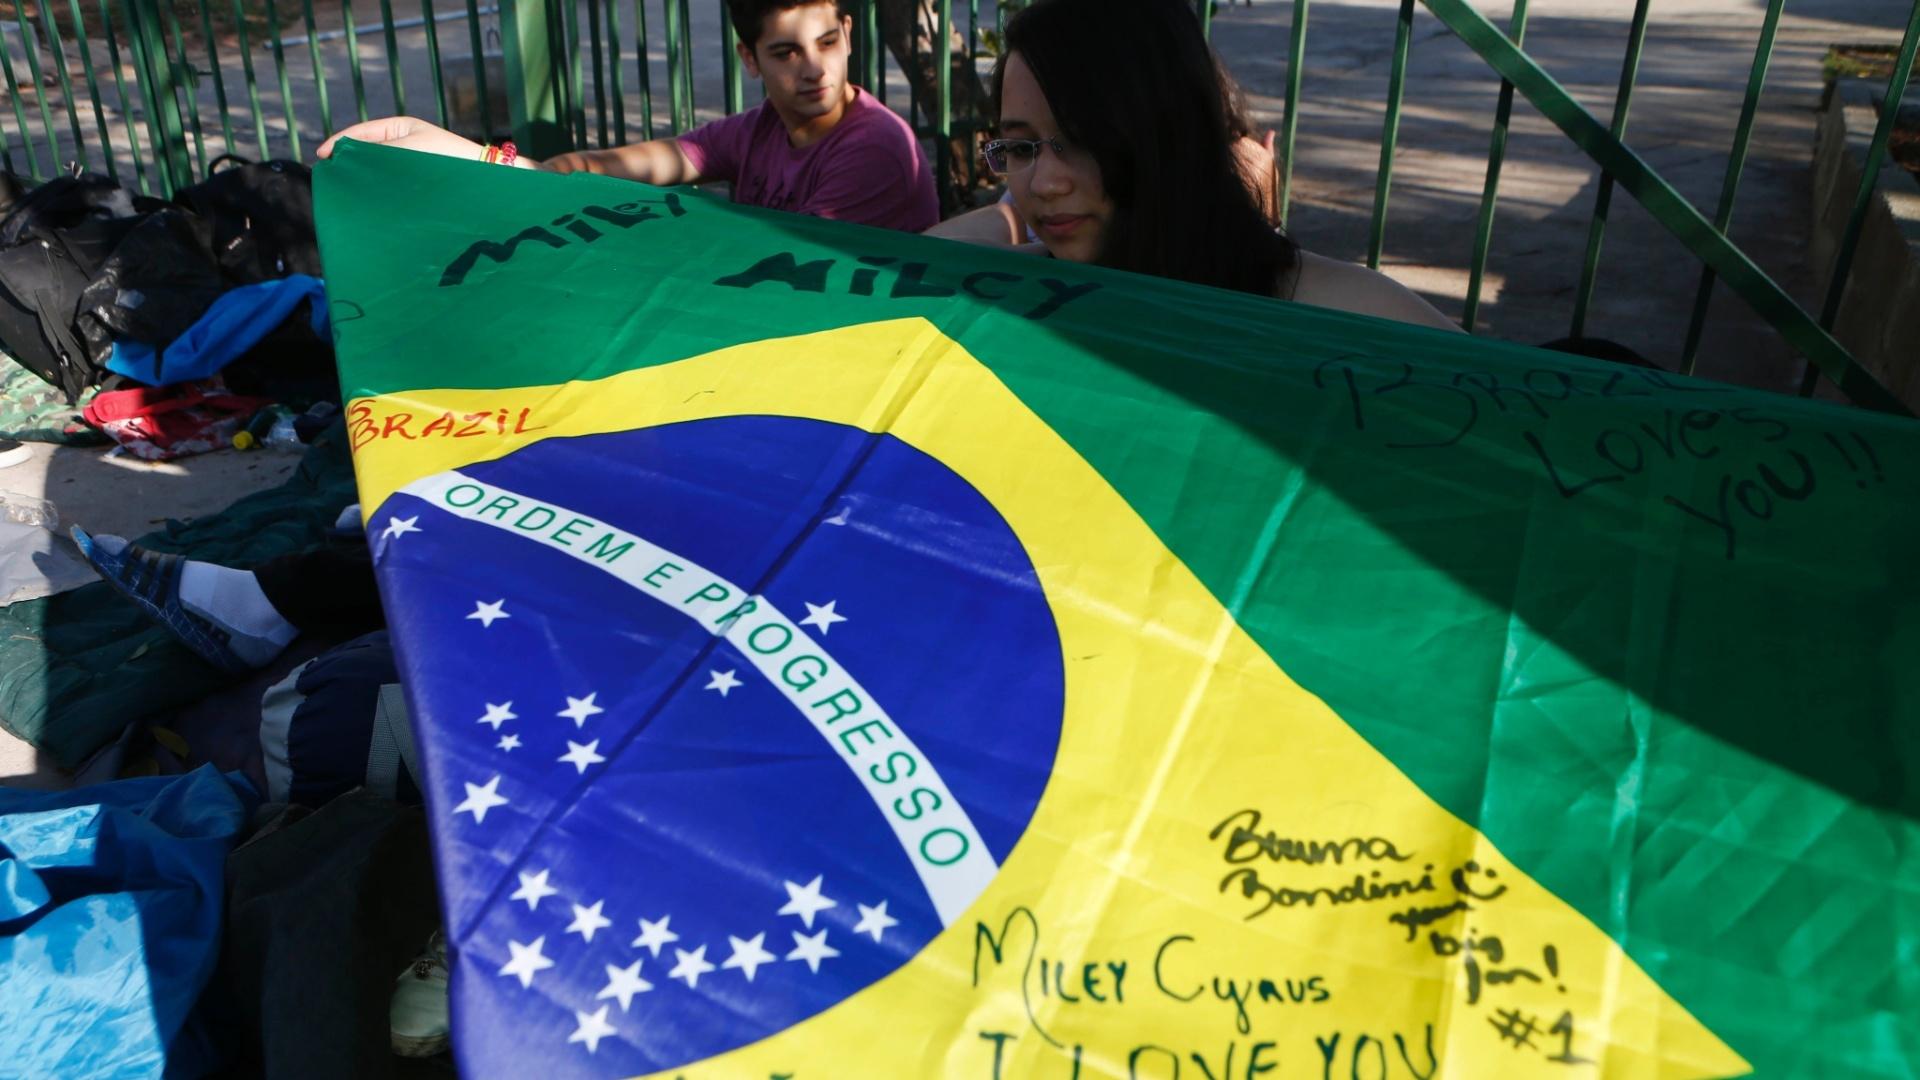 22.set.2014 - Garota estende bandeira do Brasil assinada que será entregue para Miley Cyrus